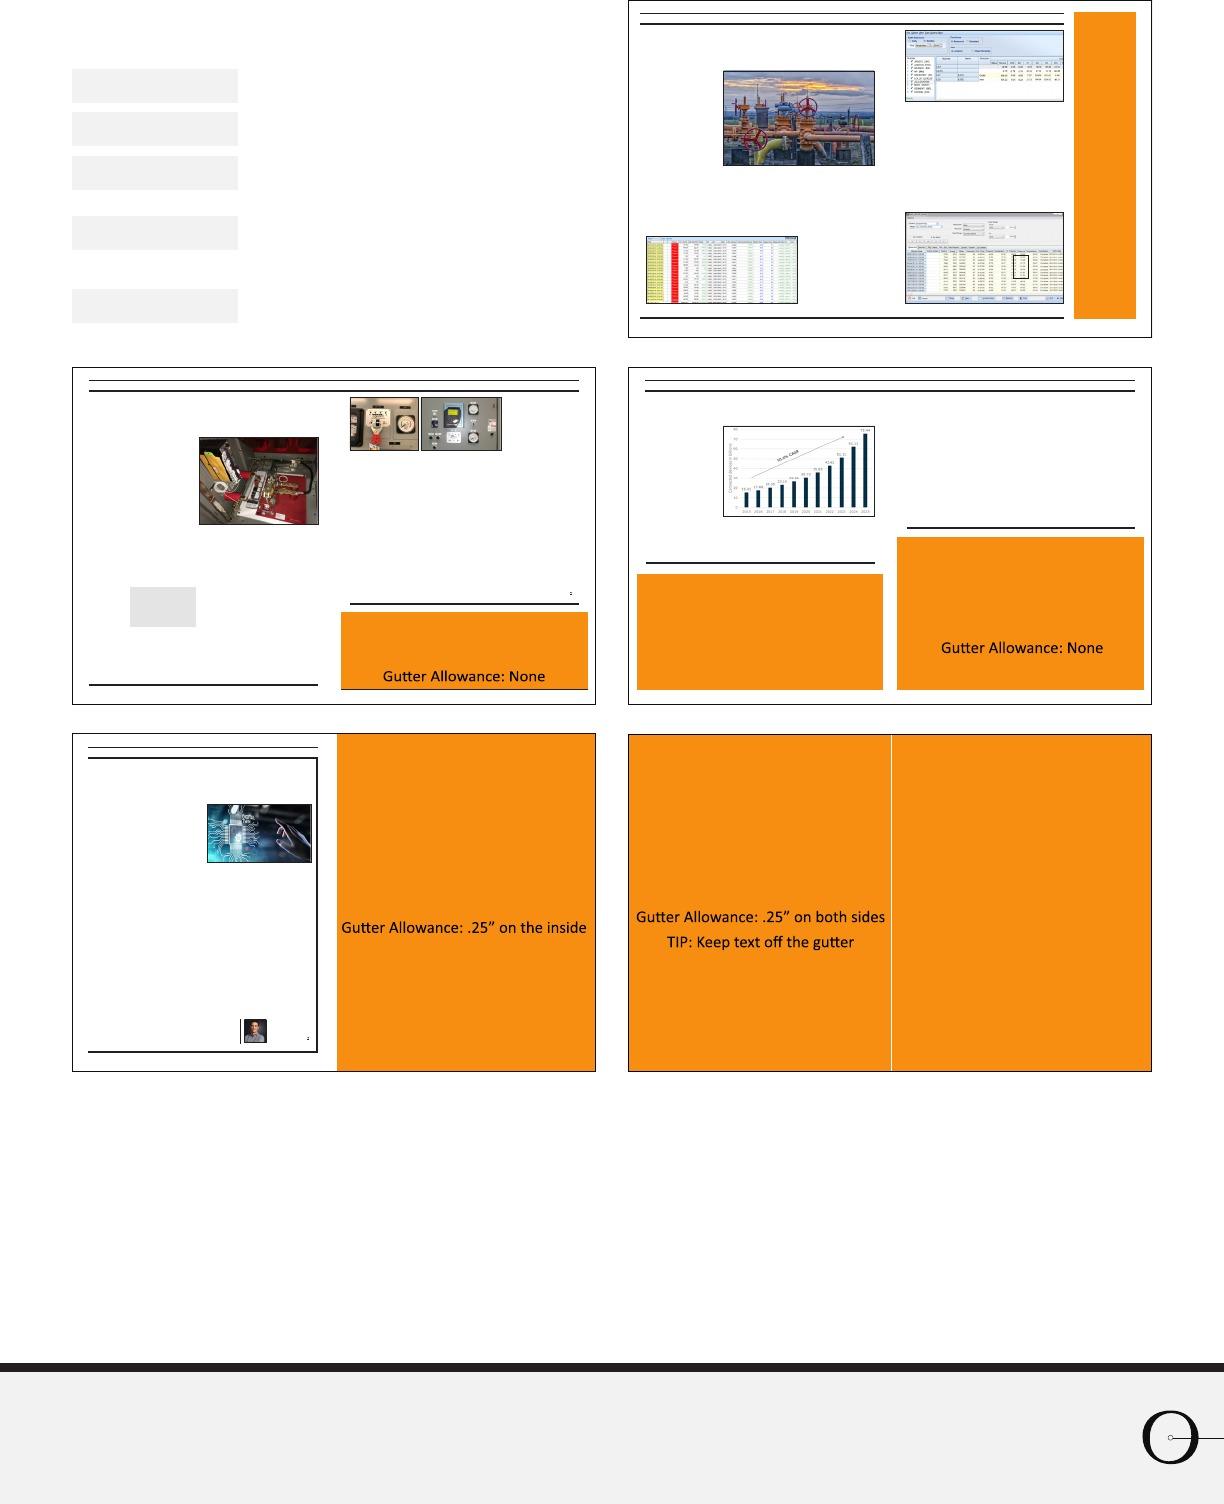 Aramco Operational Calendar 2020 Pdf regarding Aramco Calendar 2021